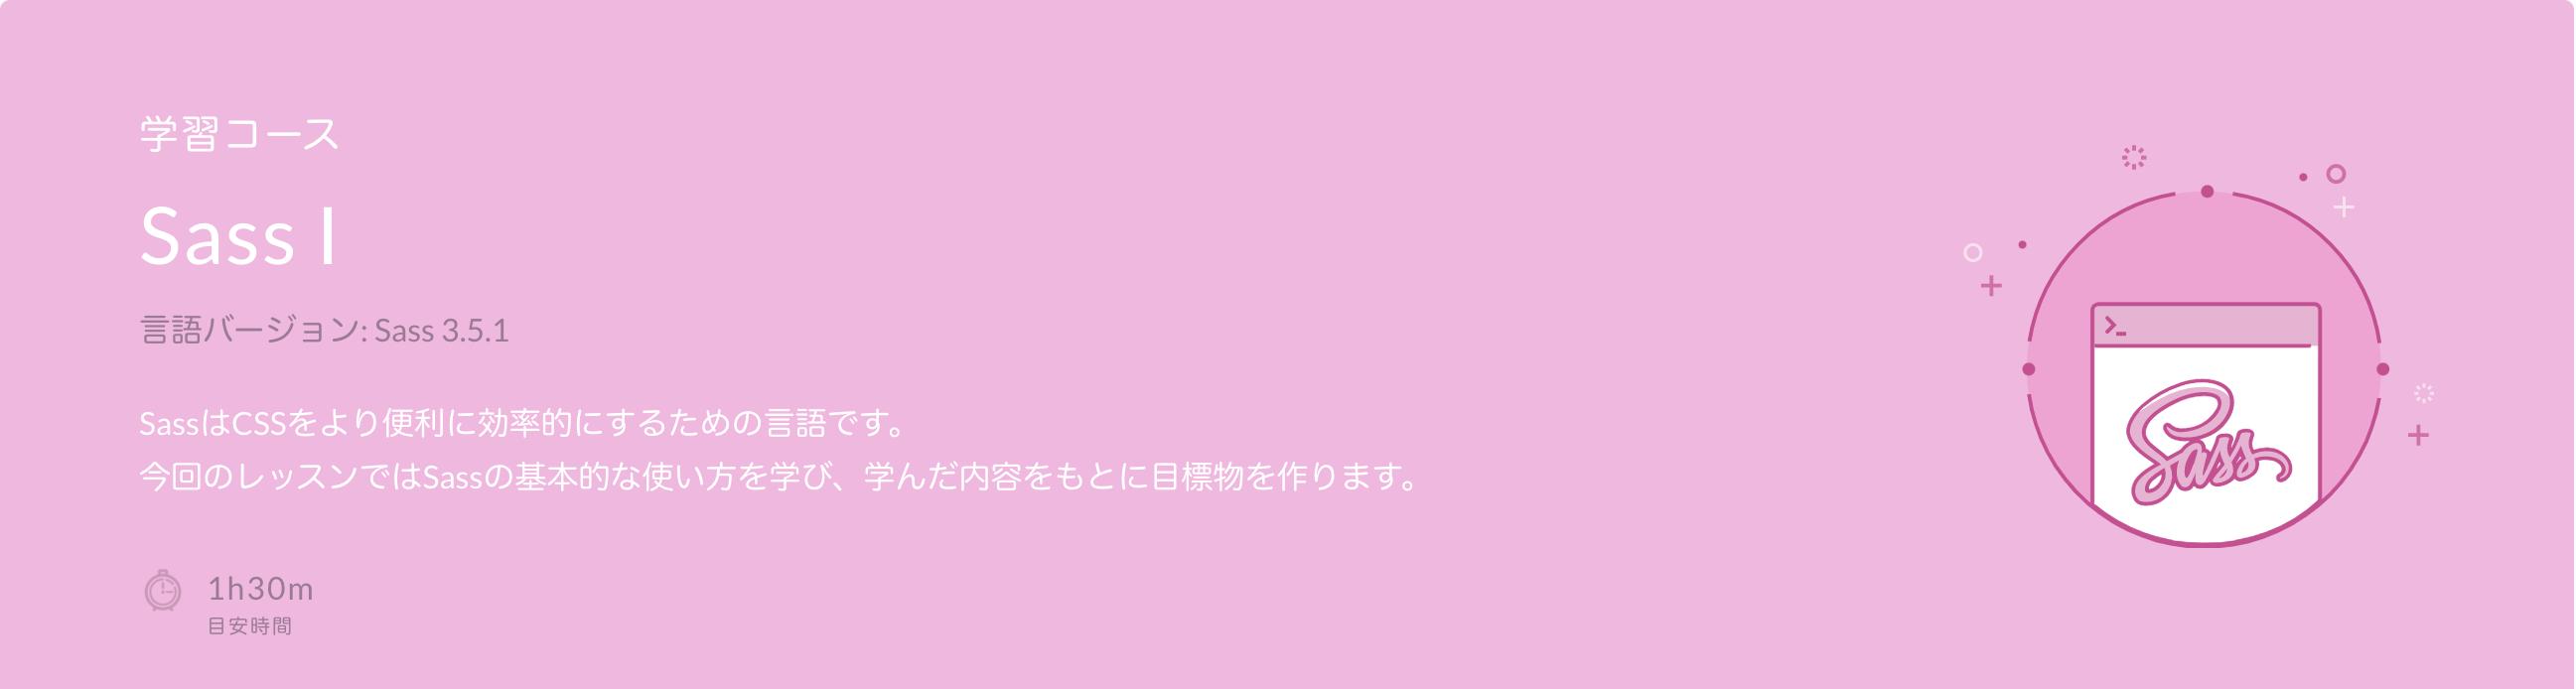 スクリーンショット-2021-07-28-16.09.35